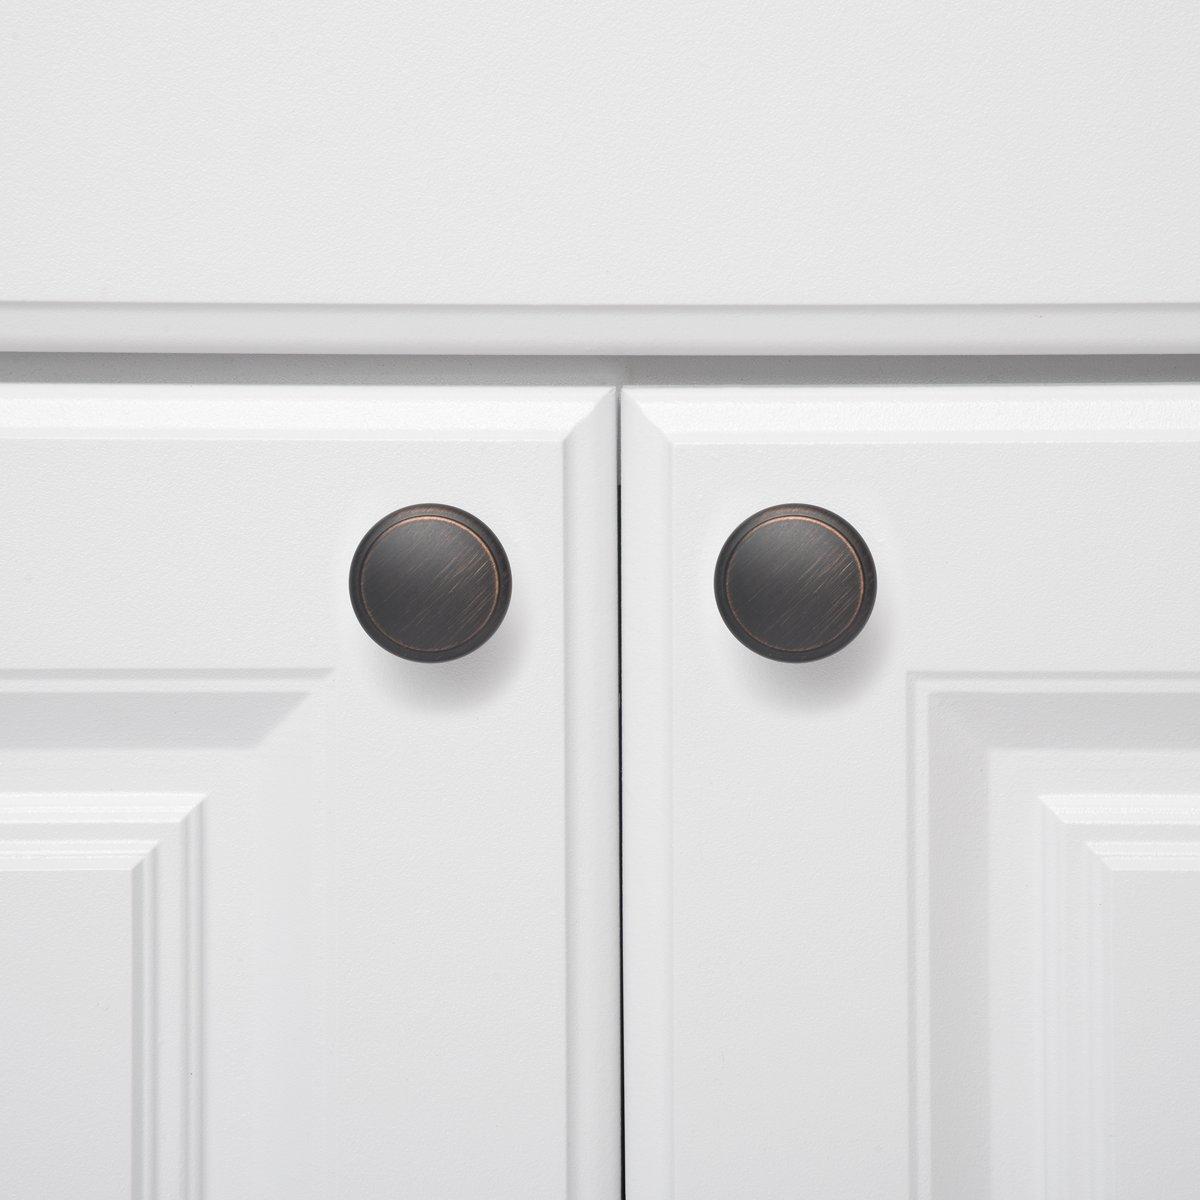 paquete de 25 Basics con forma de seta aplanada Pomo de armario plata envejecida 2.90 cm de di/ámetro